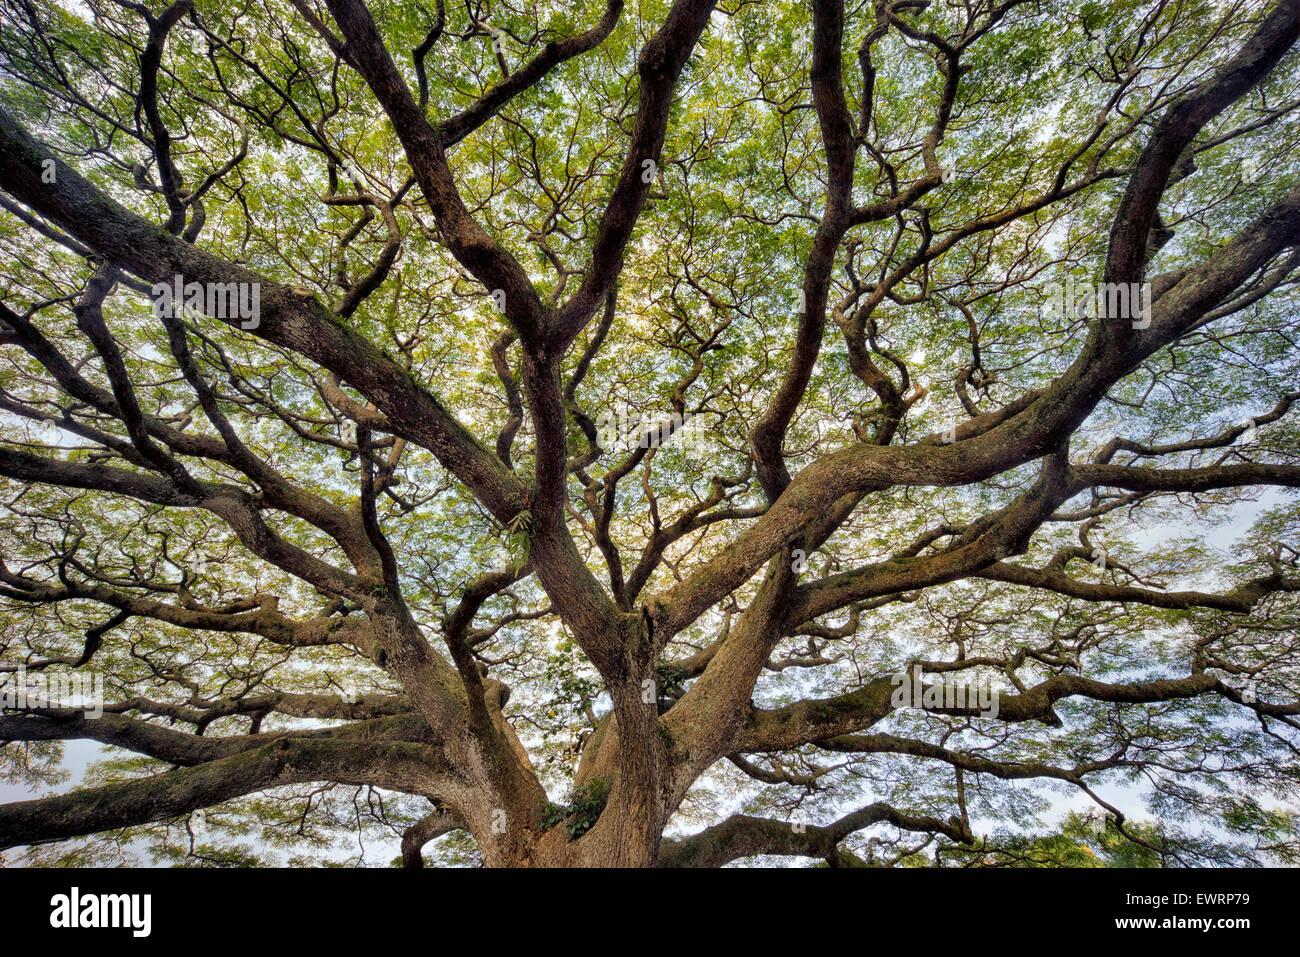 Grand arbre avec branches sauvagement. New York, la Grande Île Photo Stock